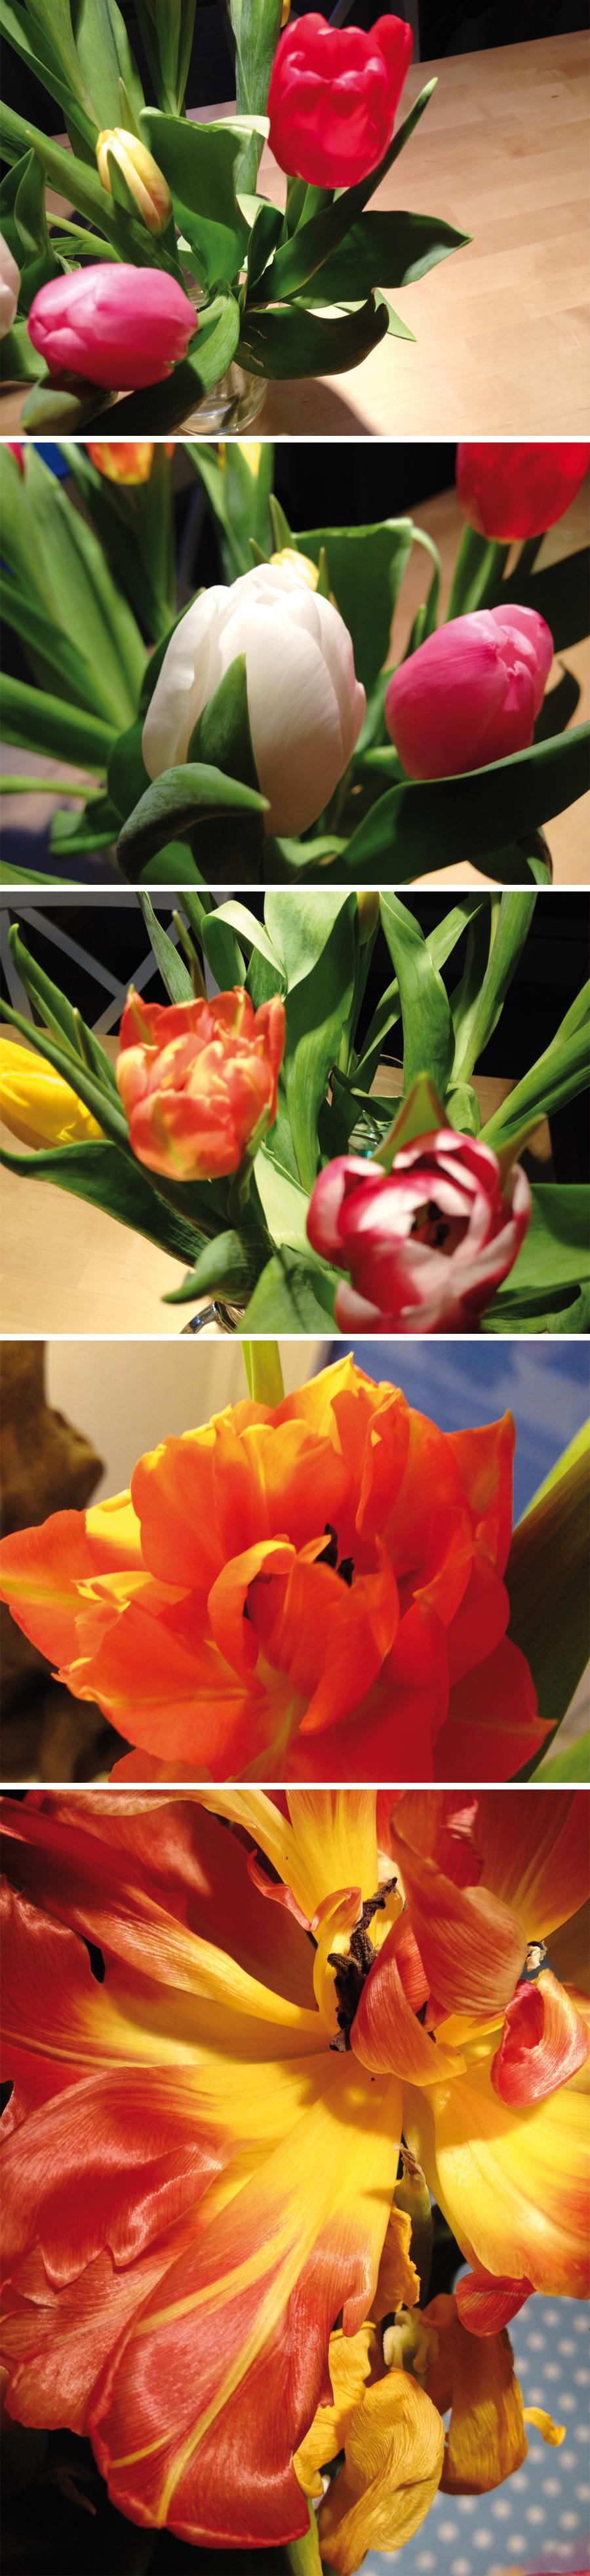 Flower_Blog_4